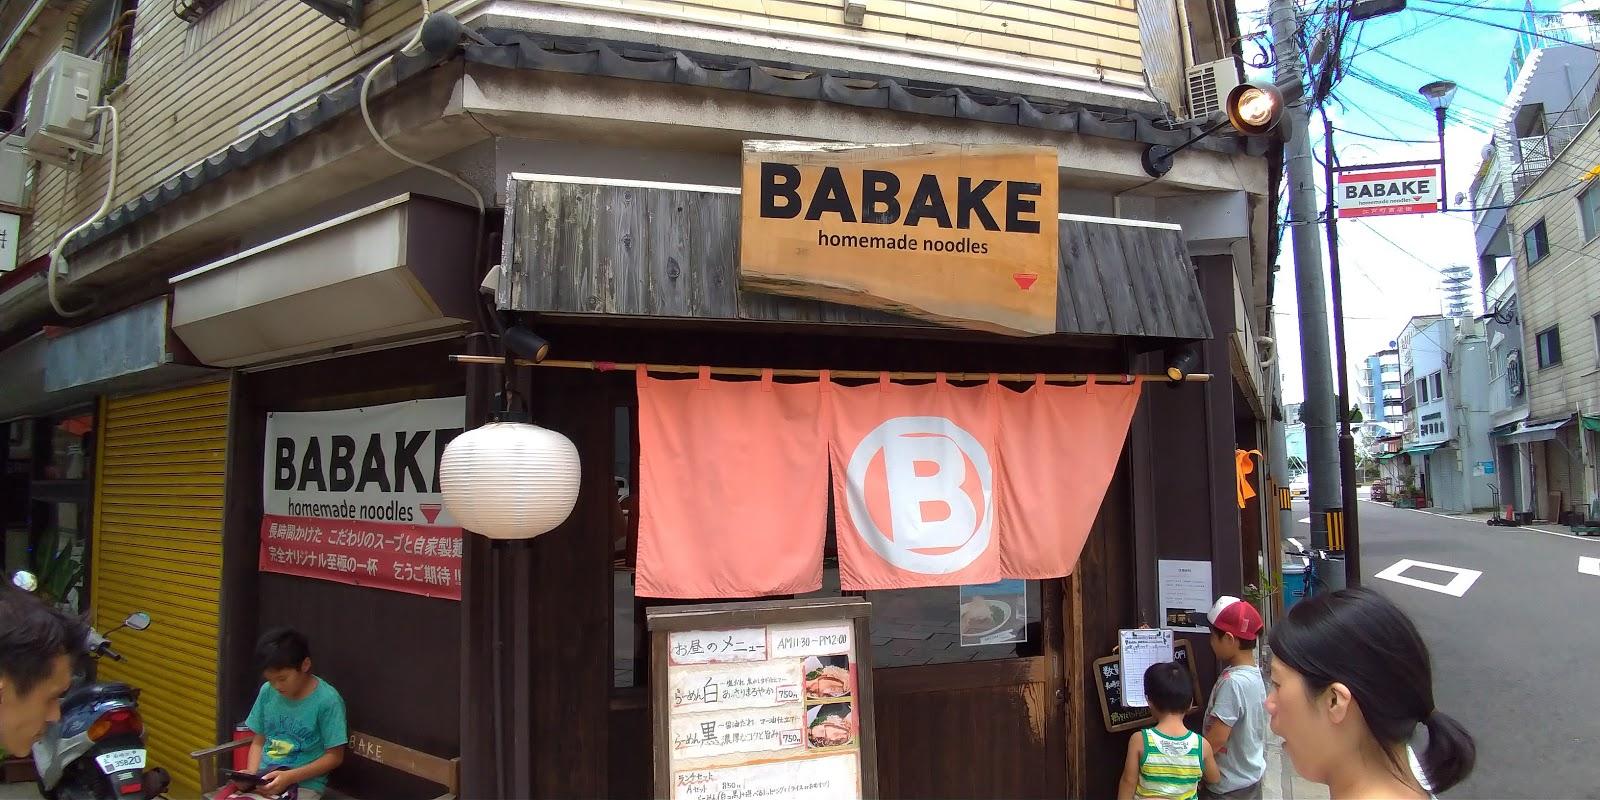 ラーメン居酒屋BABAKE 外観